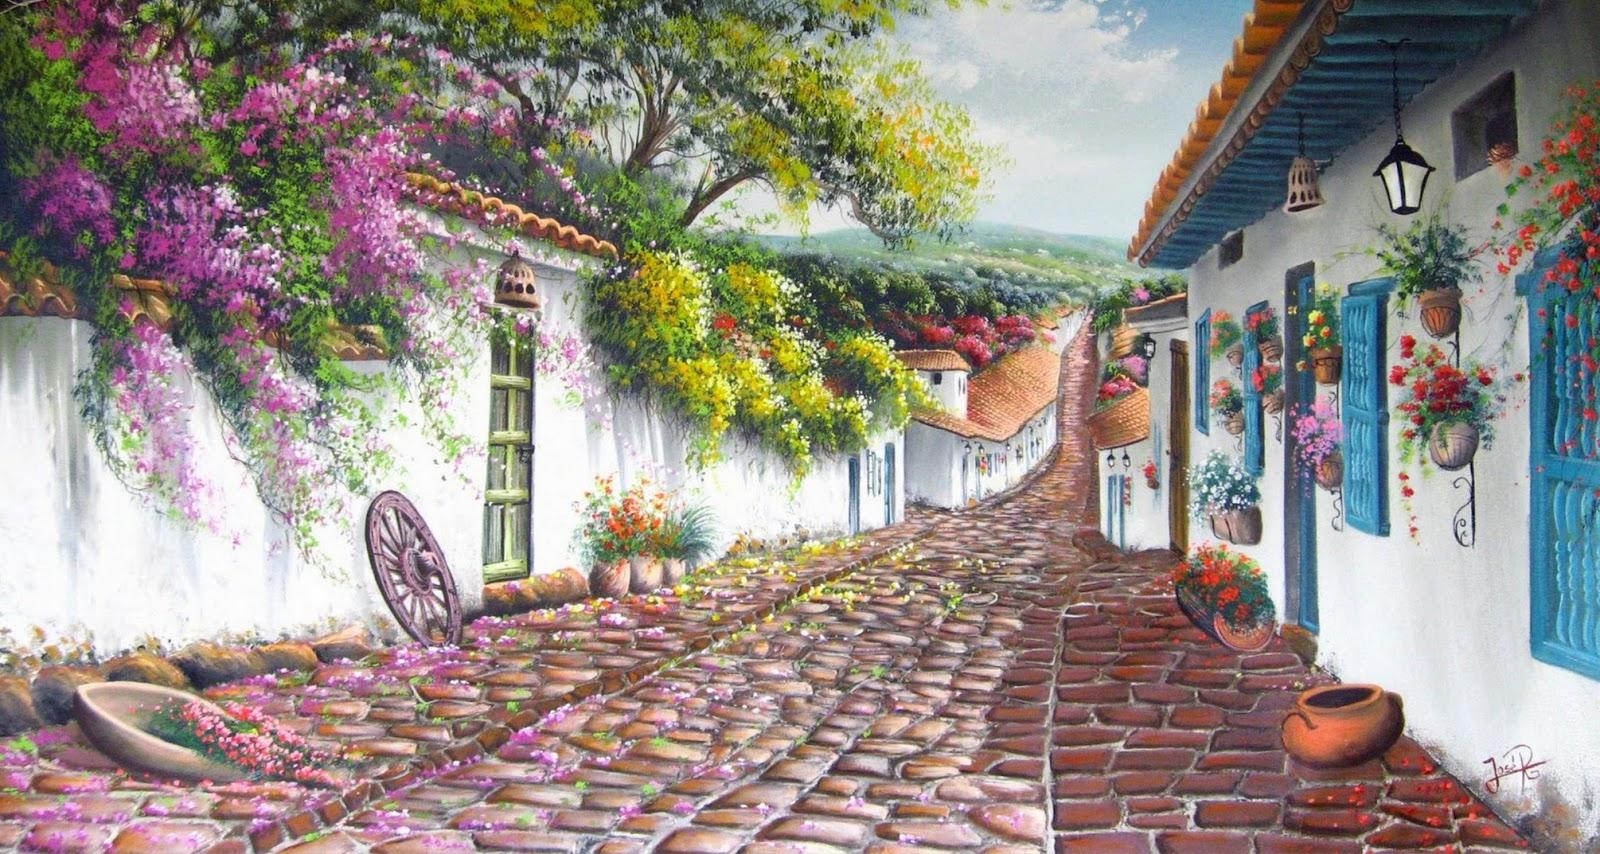 Pintura moderna y fotograf a art stica paisajes for Cuadros mexicanos rusticos